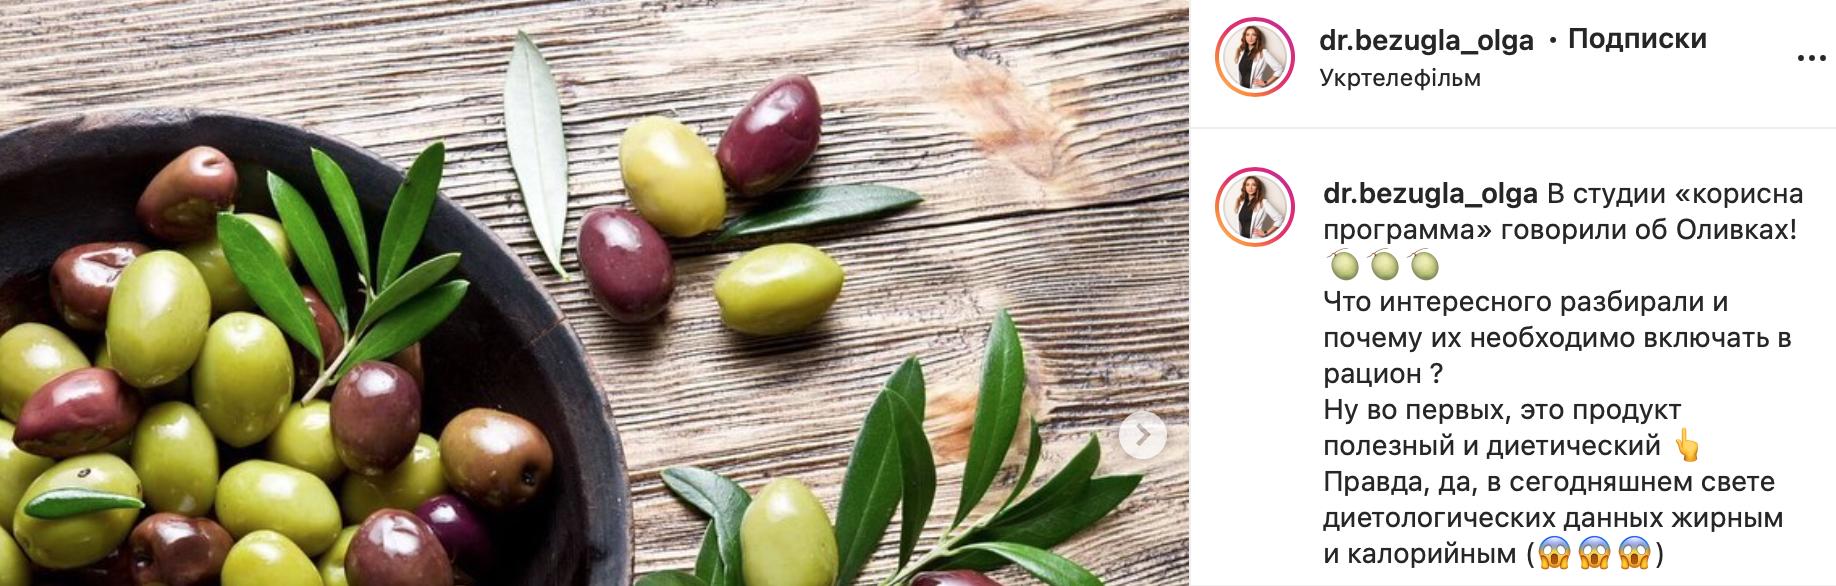 Дієтологиня розповіла про користь оливок